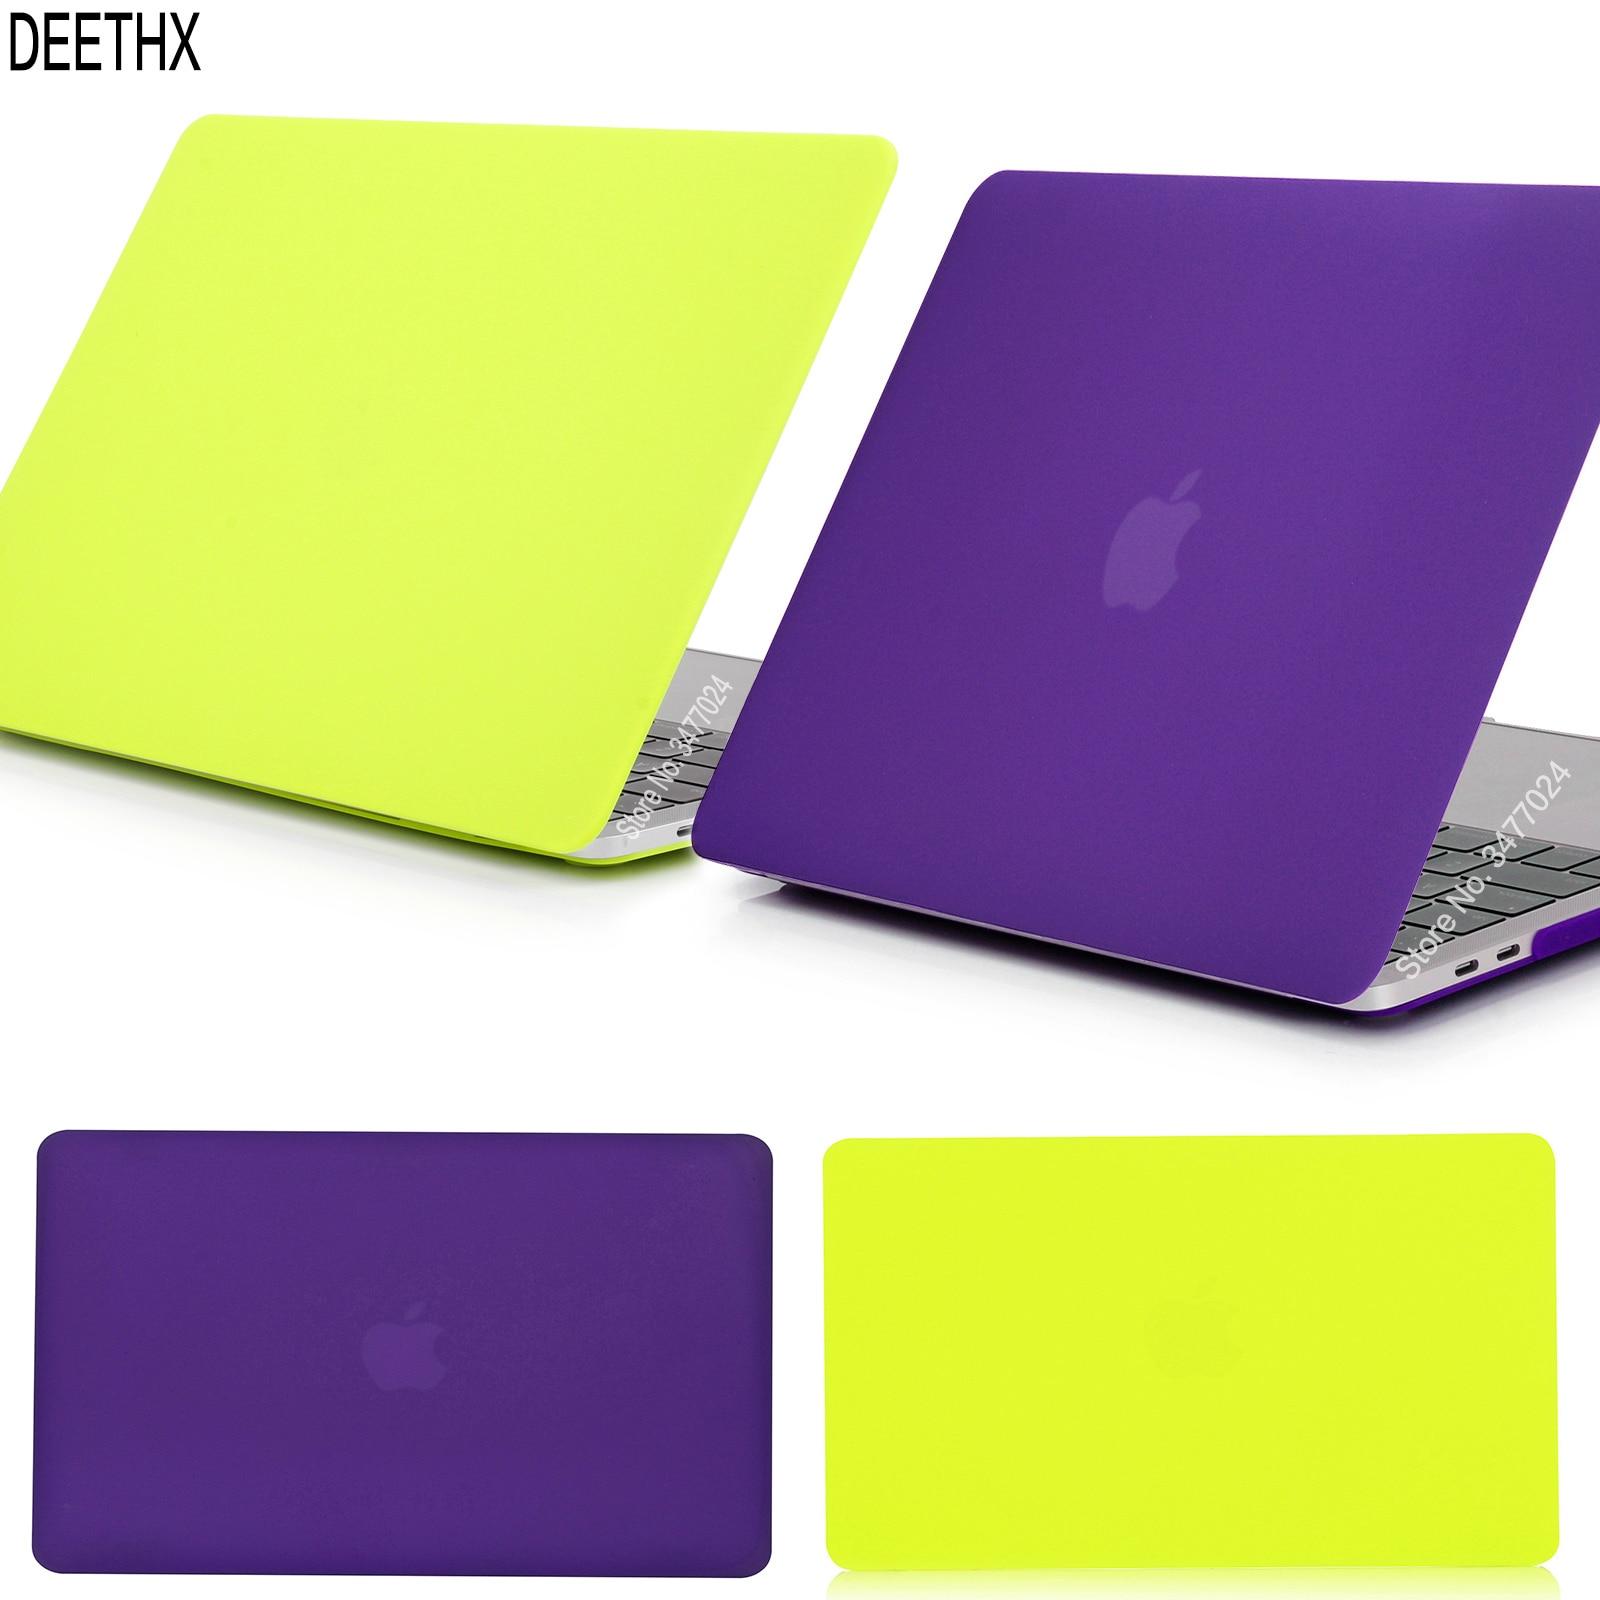 Новый матовый чехол для ноутбука apple Macbook Pro 13 дюймов 2019 новая модель A1706 A1708 A1989 A2159, для Mac New pro 13,3 с сенсорной панелью